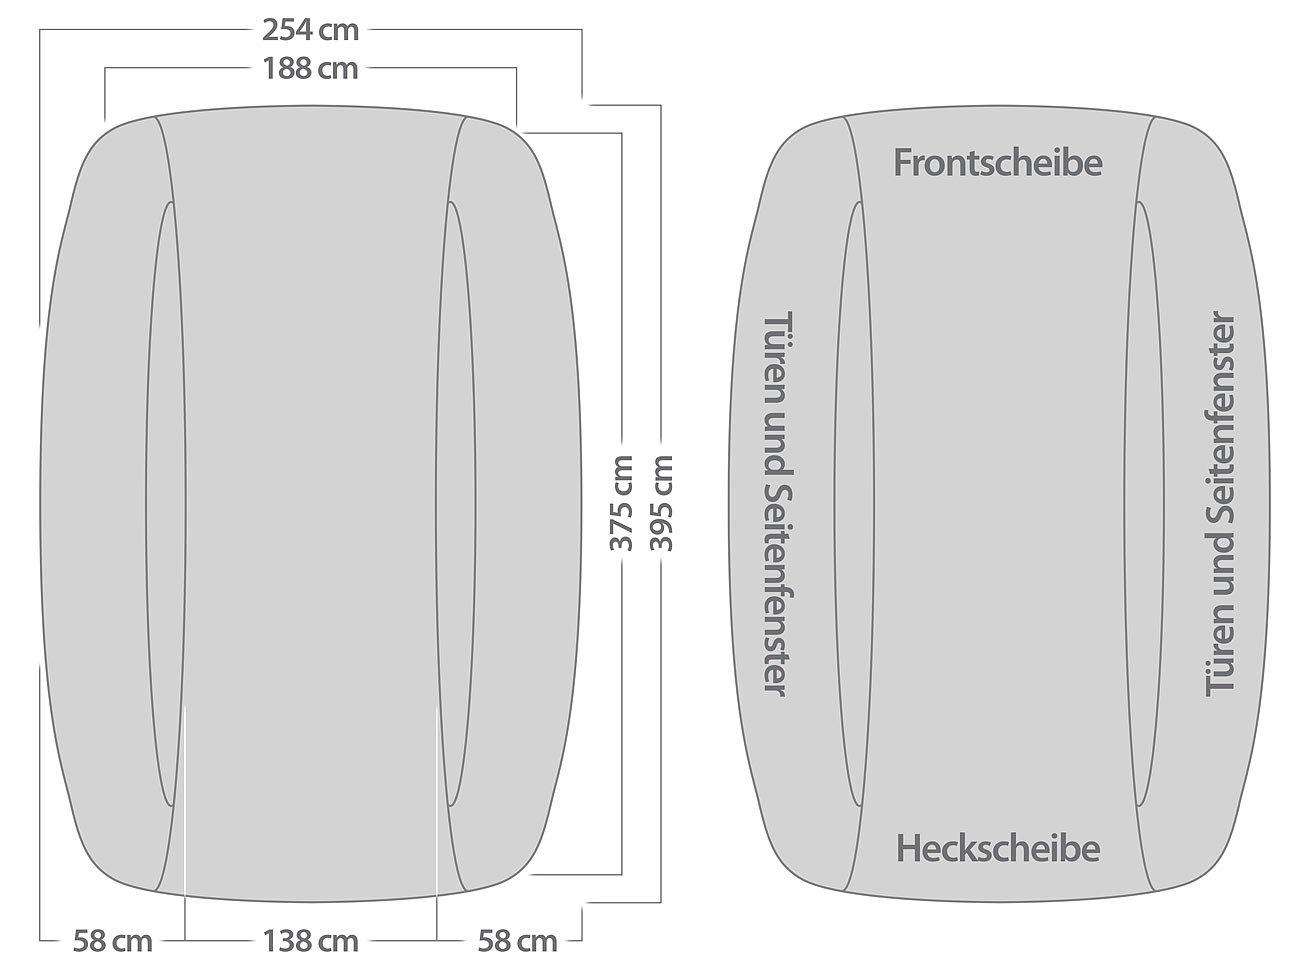 Amazon.es: Pearl Garaje plegable: Auto de media Garaje para Hatchback & Minivan, 360 x 135 x 40 cm (Auto sol protección Garaje)